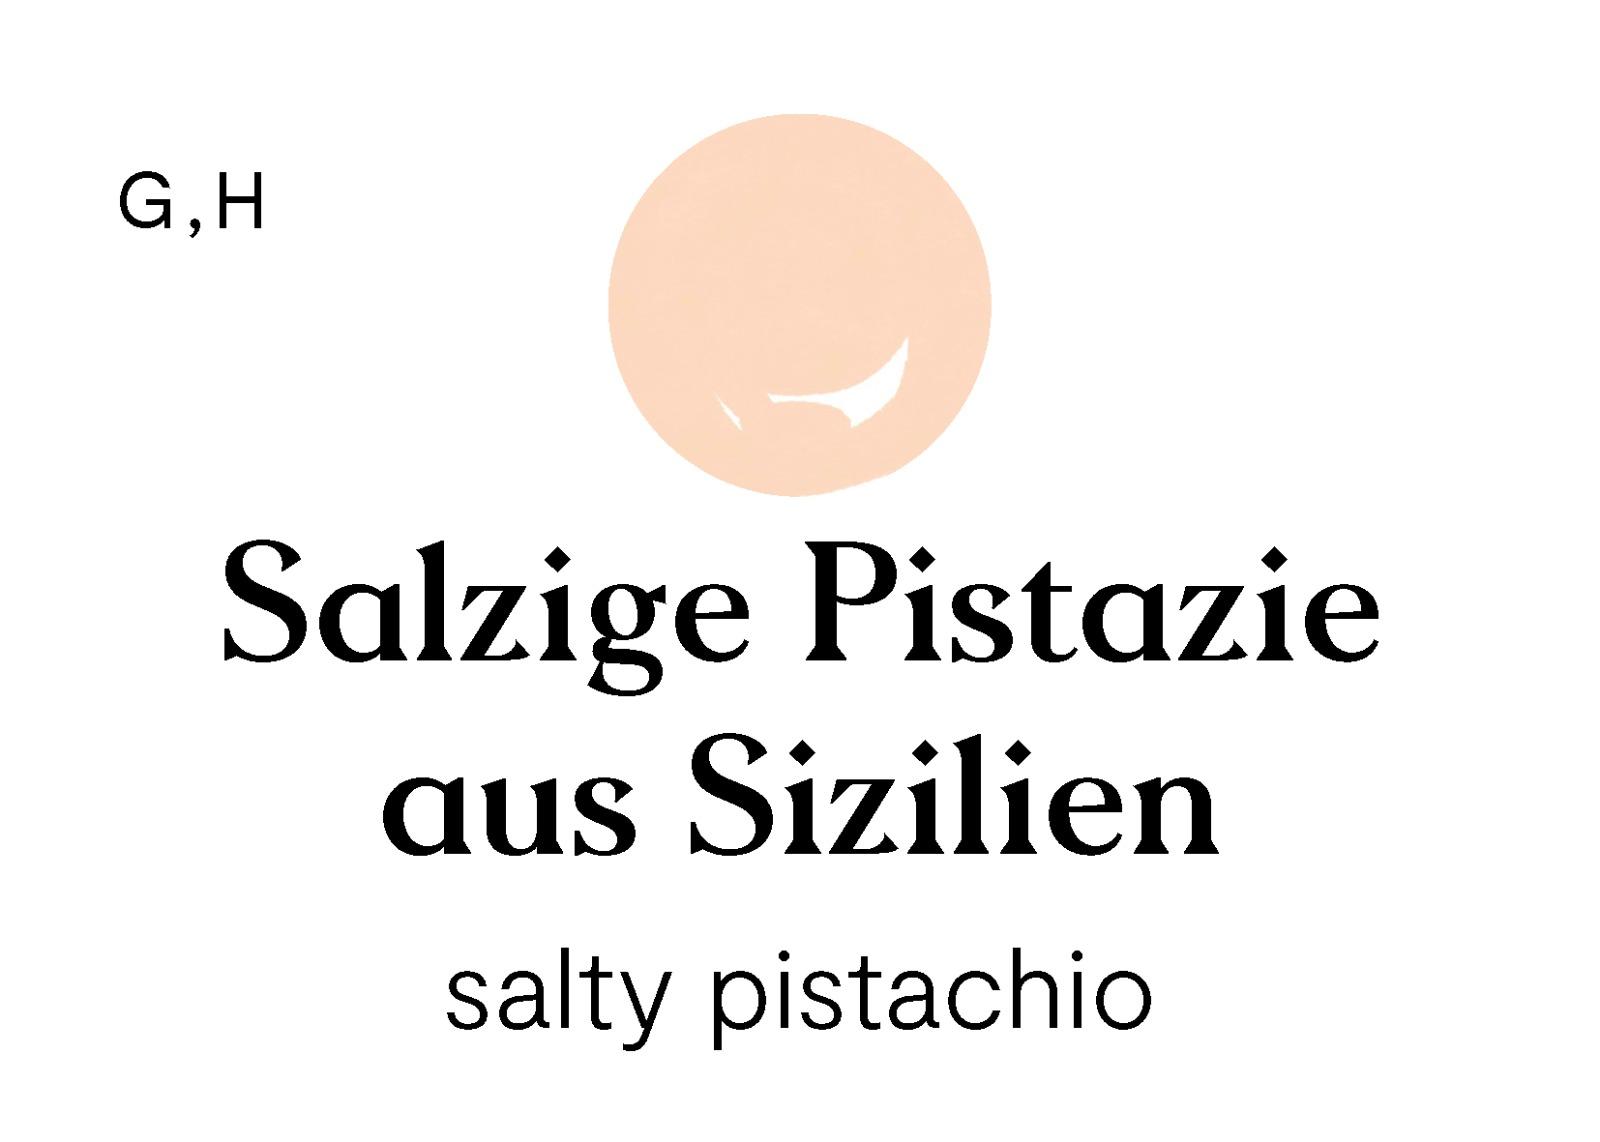 Salzige Pistazie